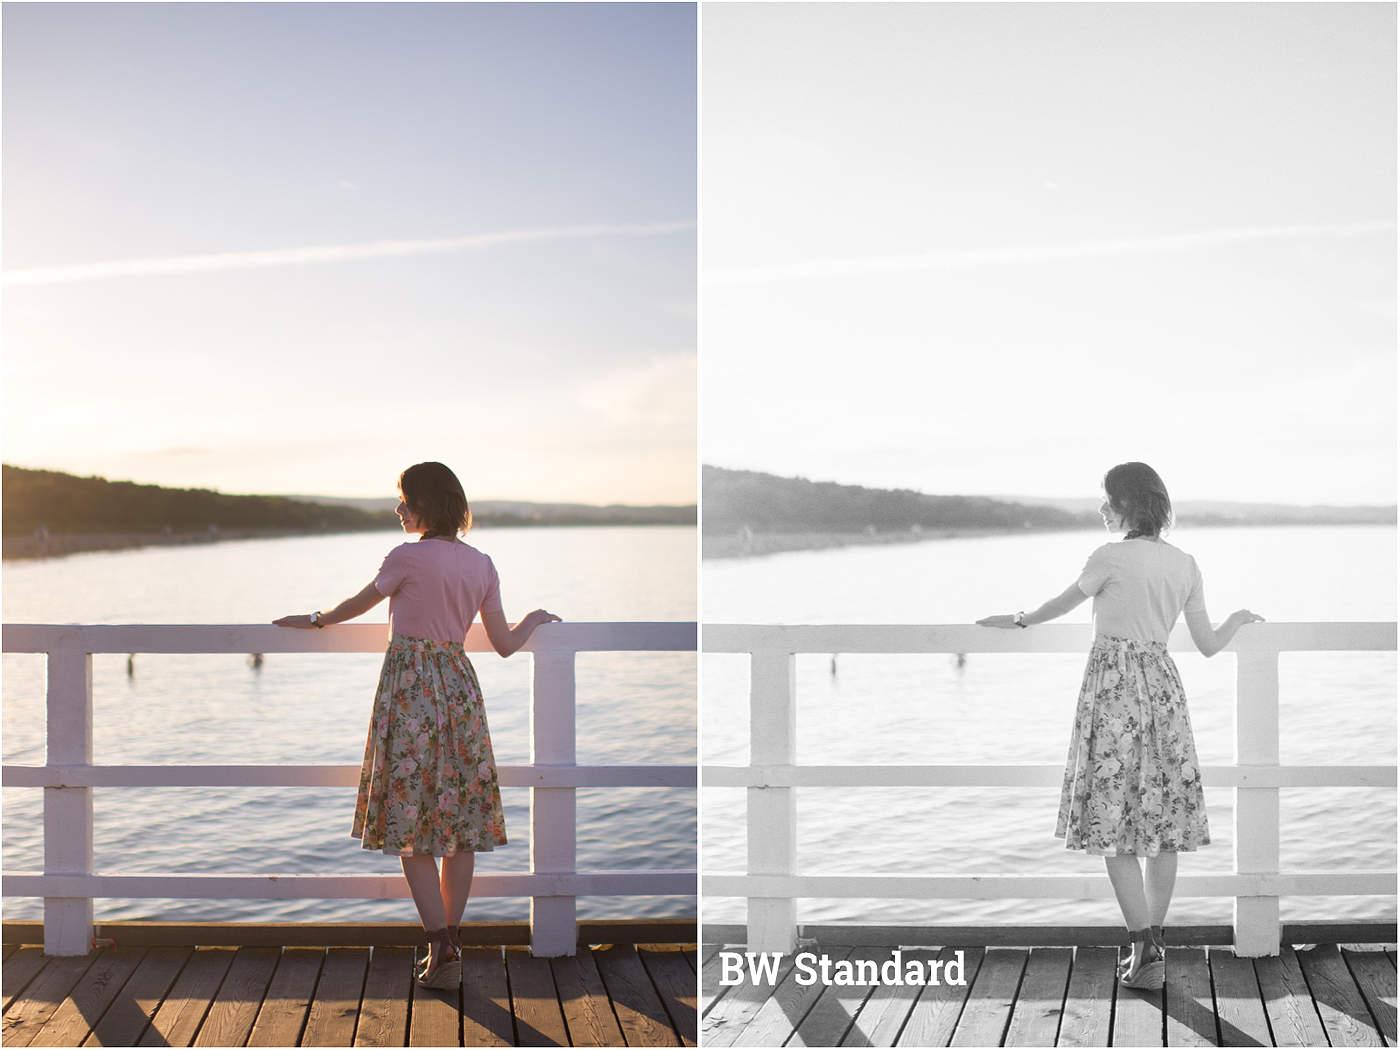 Szybka obróbka zdjęć w Lightroom + Color Efex Pro - film instruktażowy